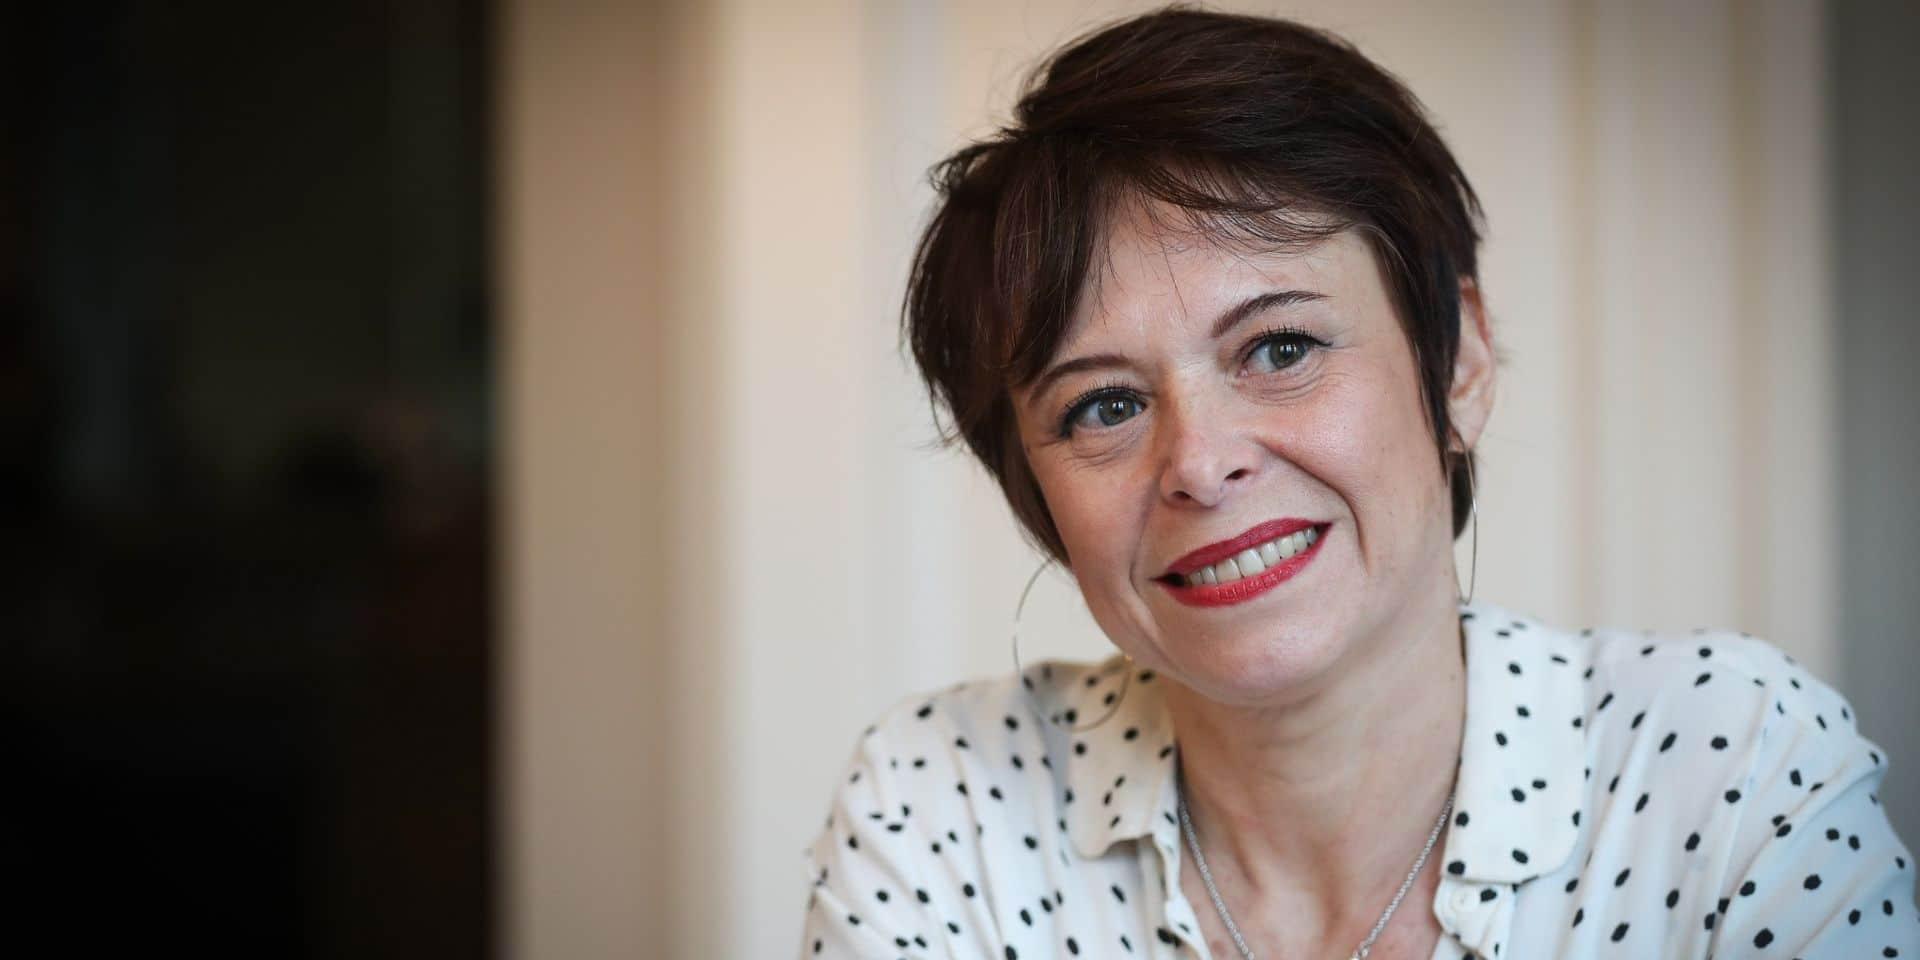 A Bruxelles, les pharmaciens pourront aussi signaler des violences intrafamiliales